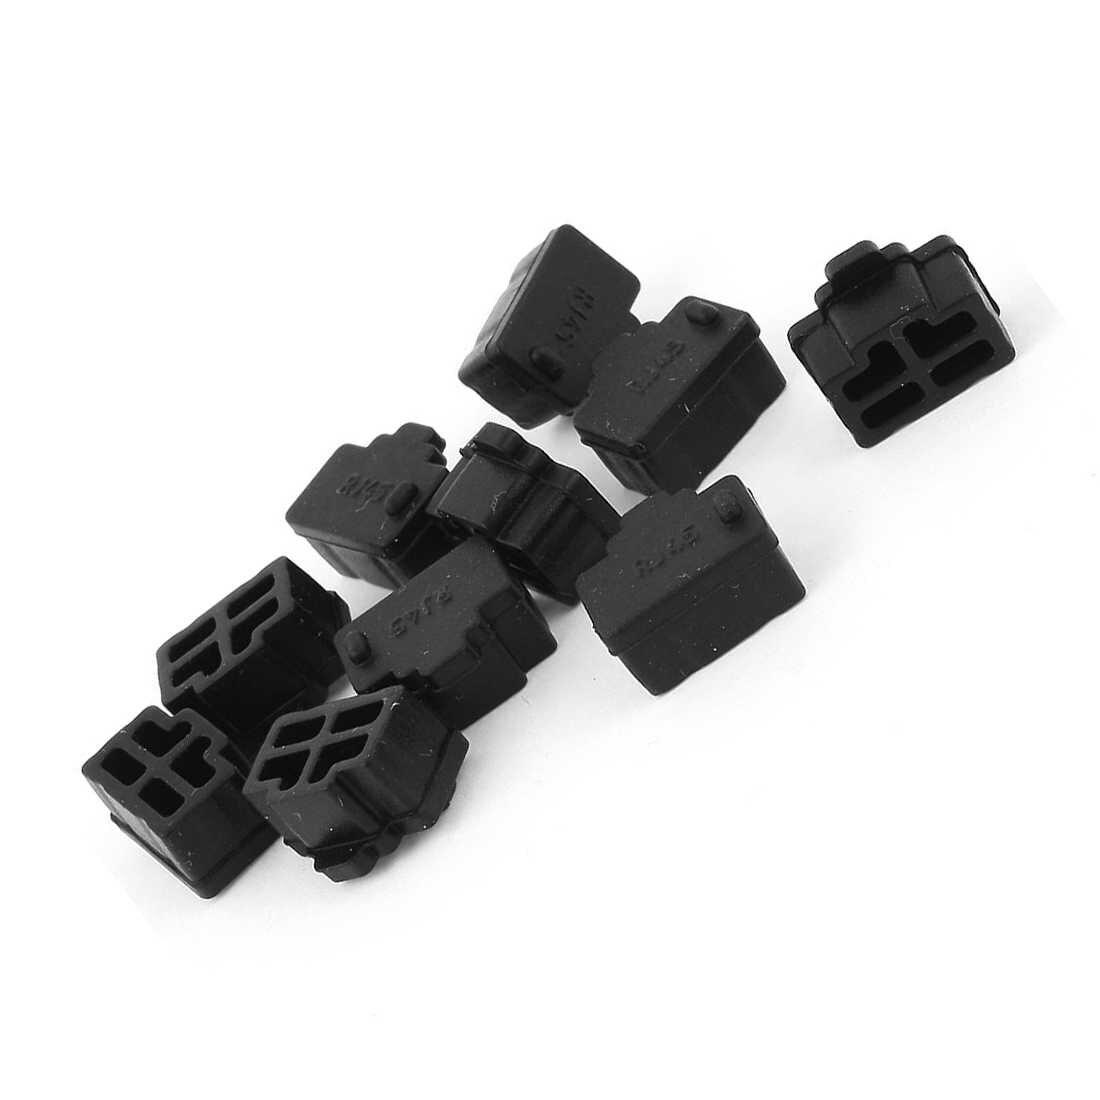 Акция! Концентратор Ethernet Порты и разъёмы RJ45 анти защитная крышка от пыли протектор Plug 10 шт. черный